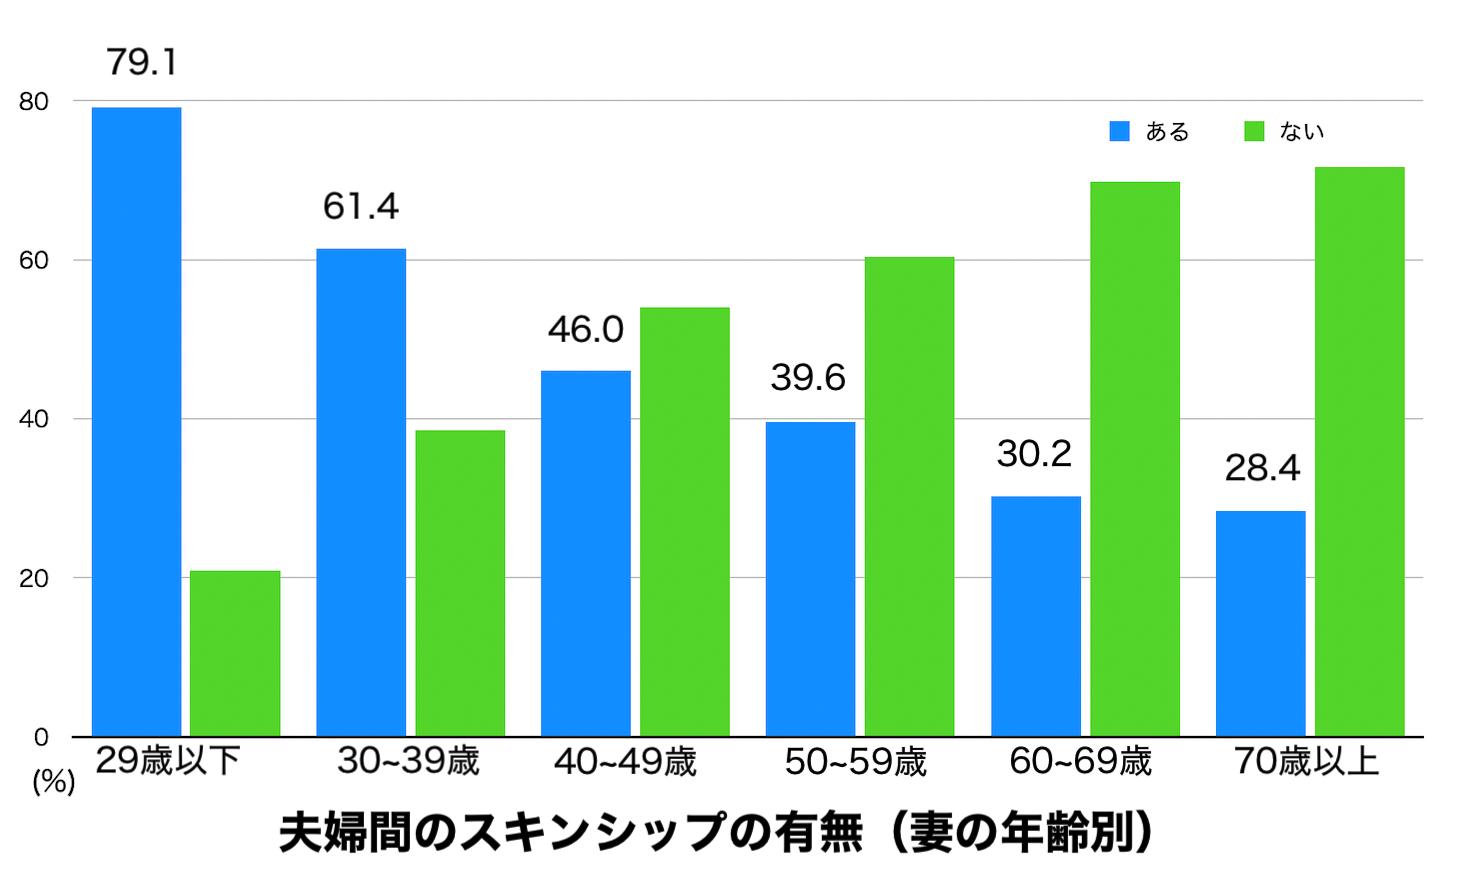 夫婦間のスキンシップの有無を妻の年代別に集計した結果のグラフ